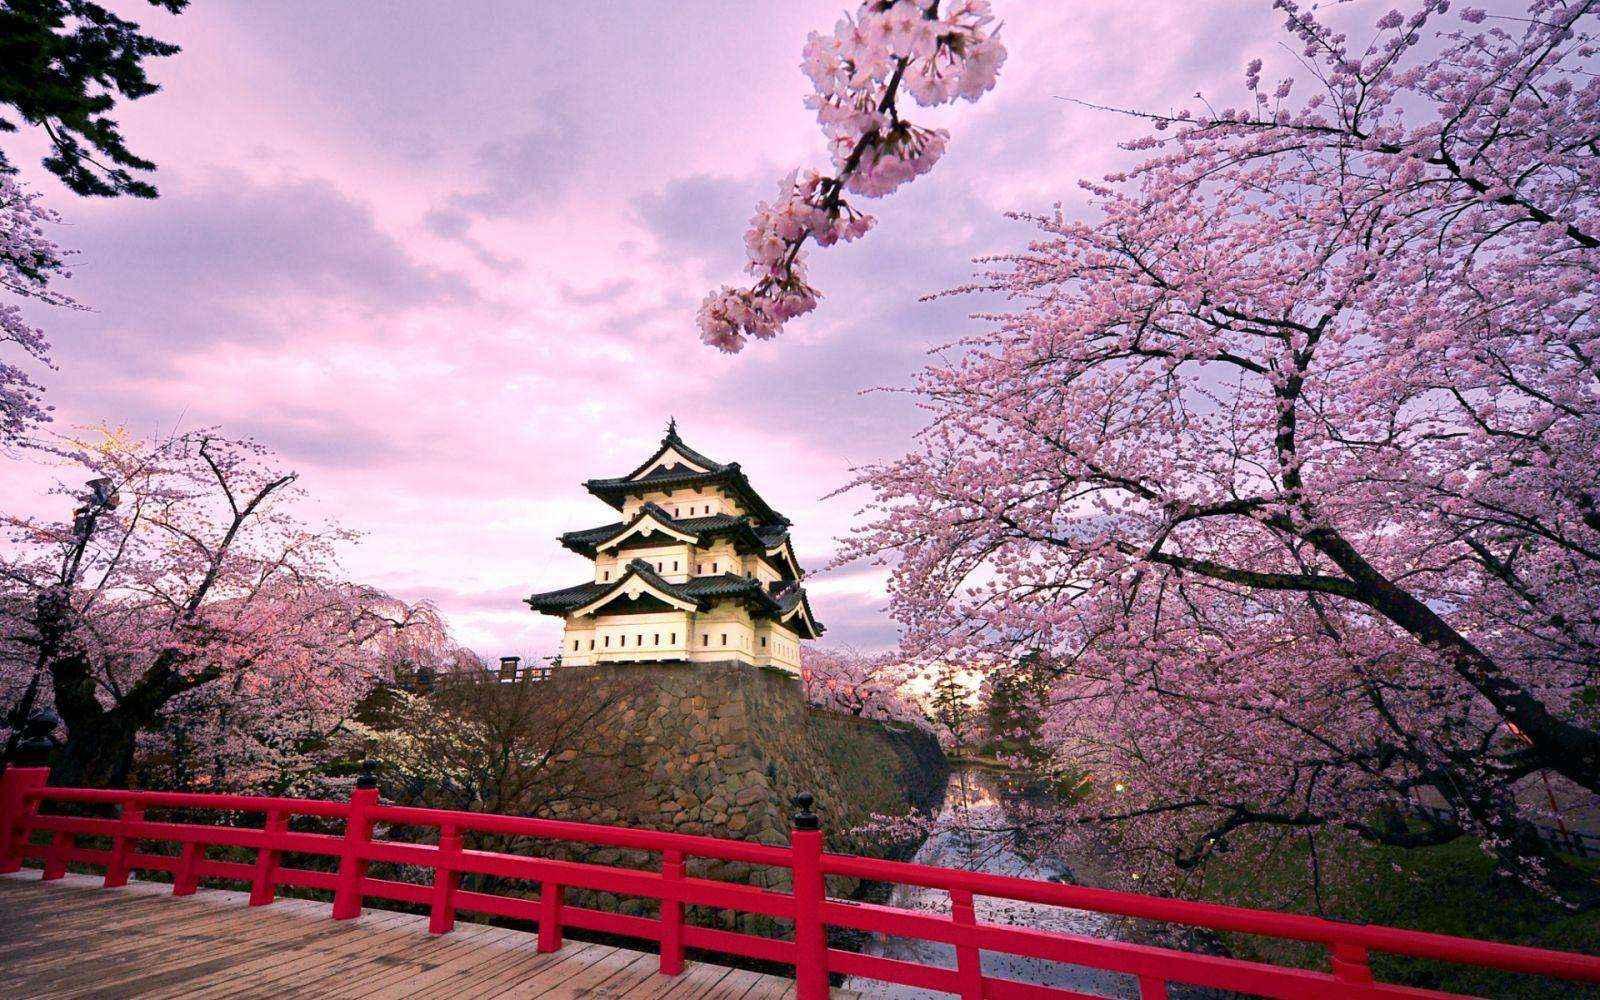 Hàn Quốc - nơi để bạn khám phá nền văn hóa lâu đời